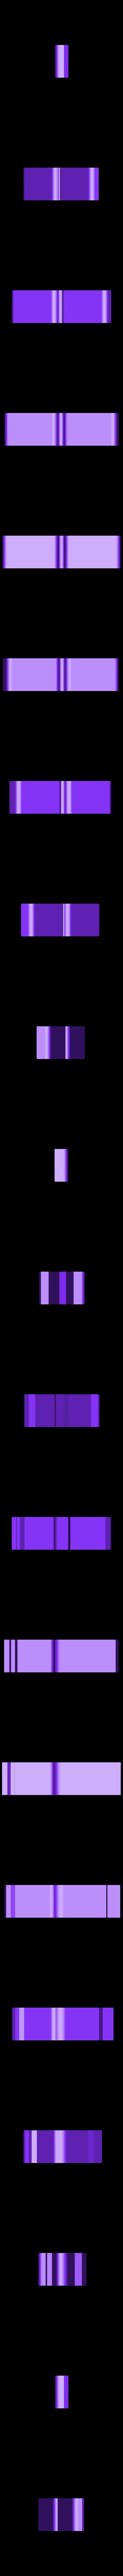 pudelko1_zatrzask.stl Télécharger fichier STL gratuit Juste une autre BOX (ma version) • Modèle imprimable en 3D, kpawel